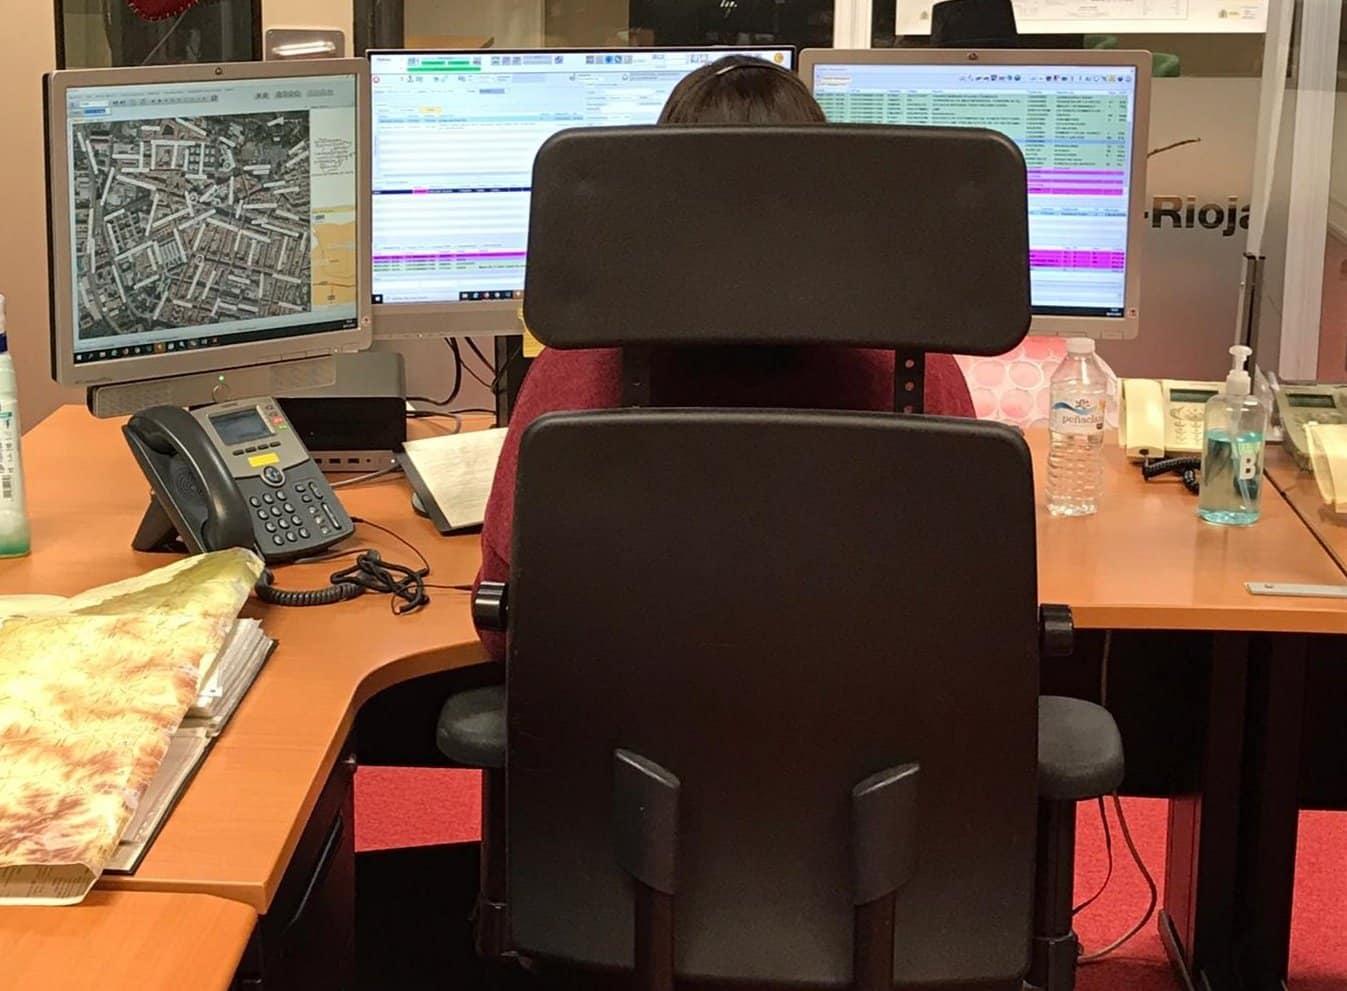 SOS Rioja recibió este sábado casi 1.000 llamadas por los efectos de 'Filomena' 1